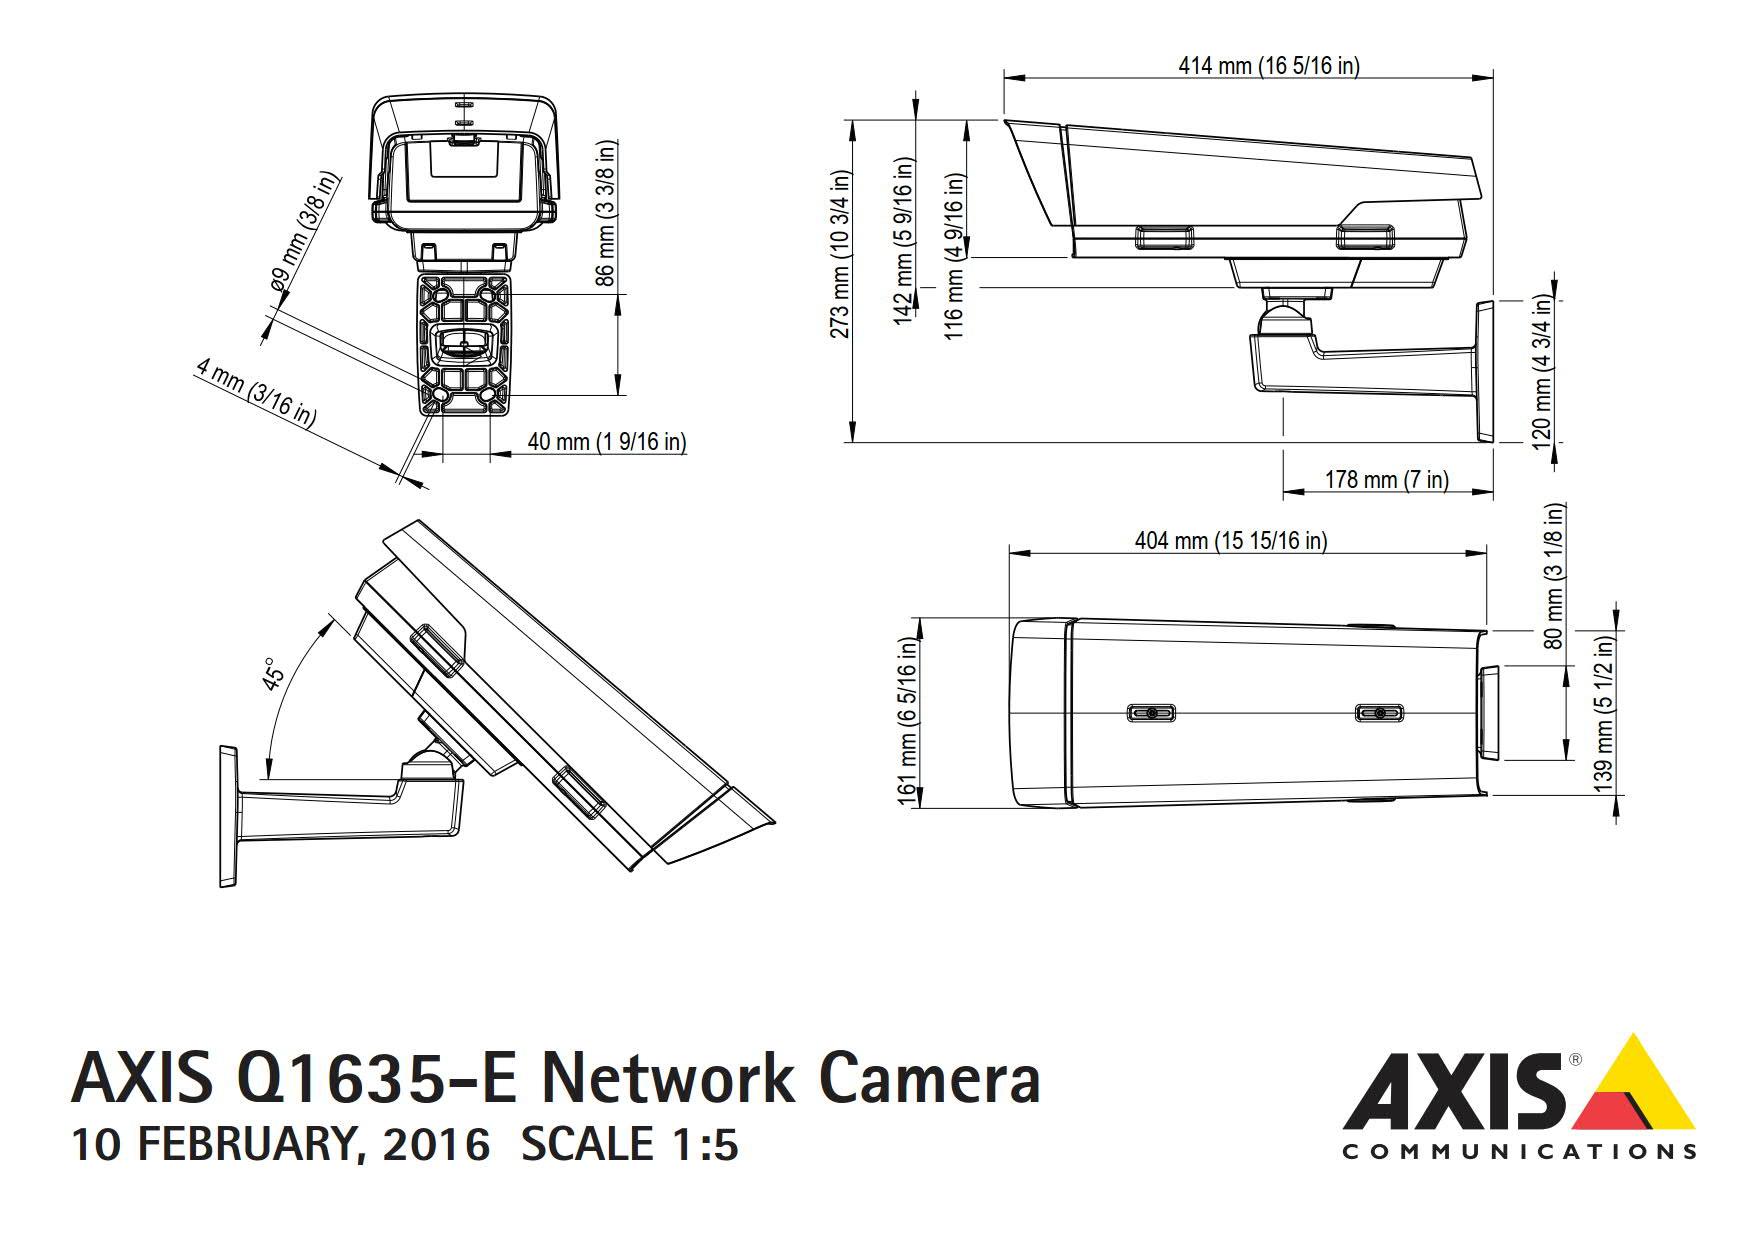 Axis Q1635-E Dimensions